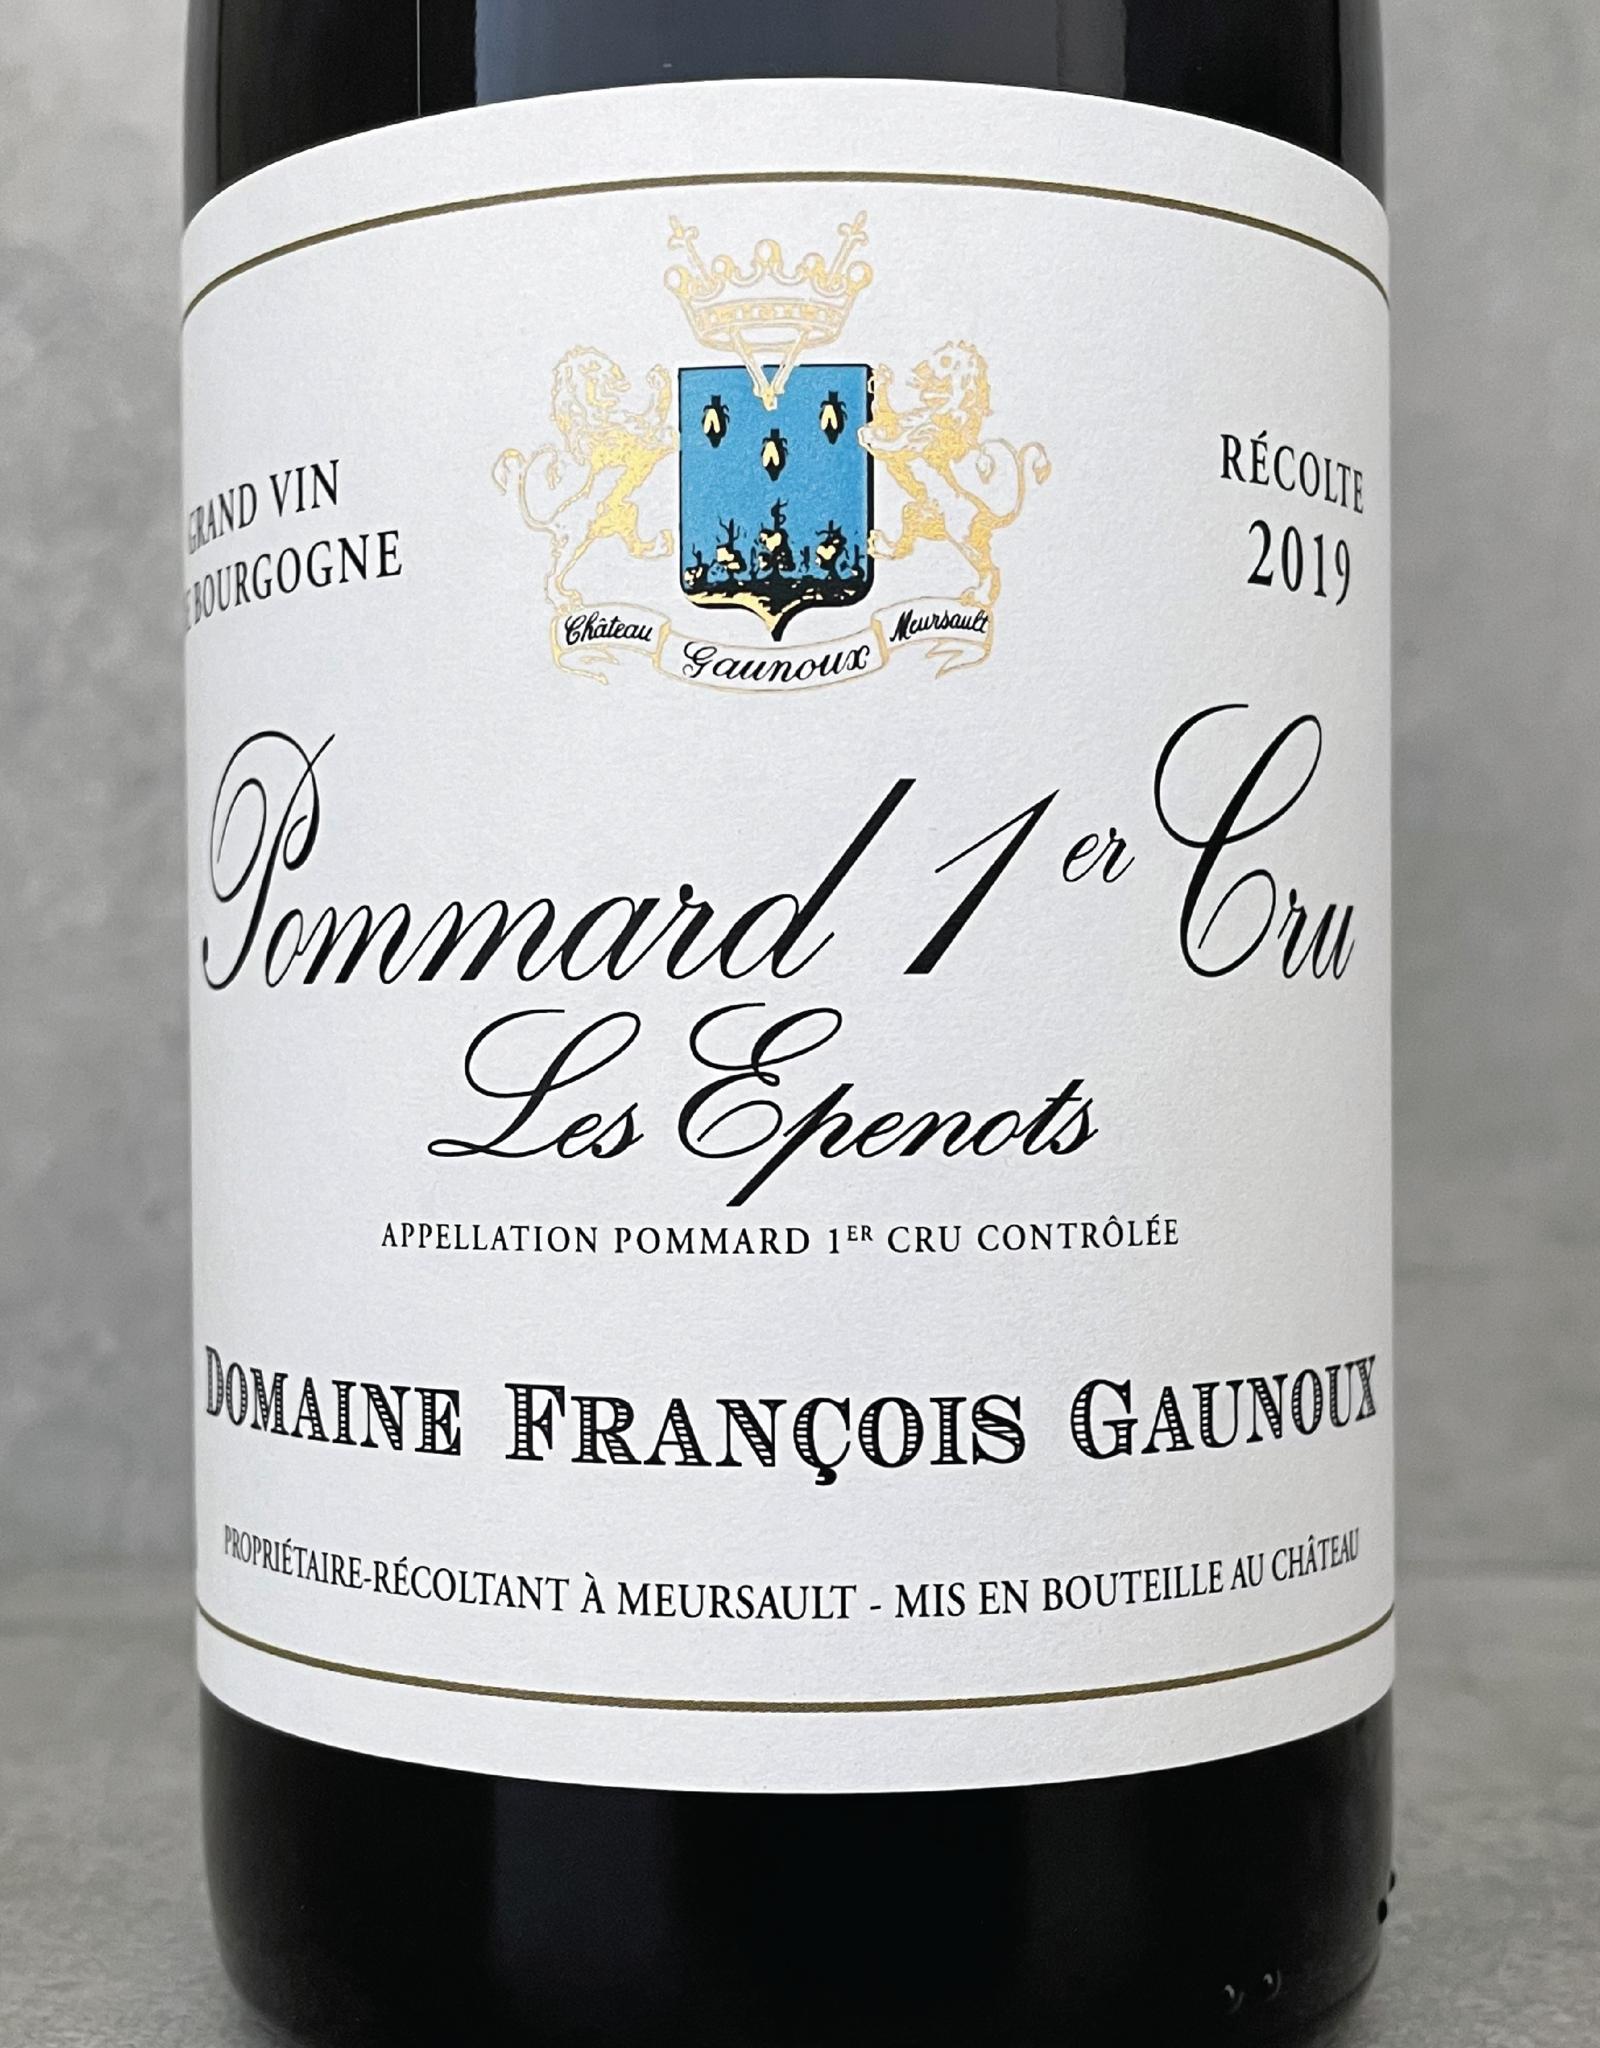 François Gaunoux Pommard 1er Cru Epenots 2015